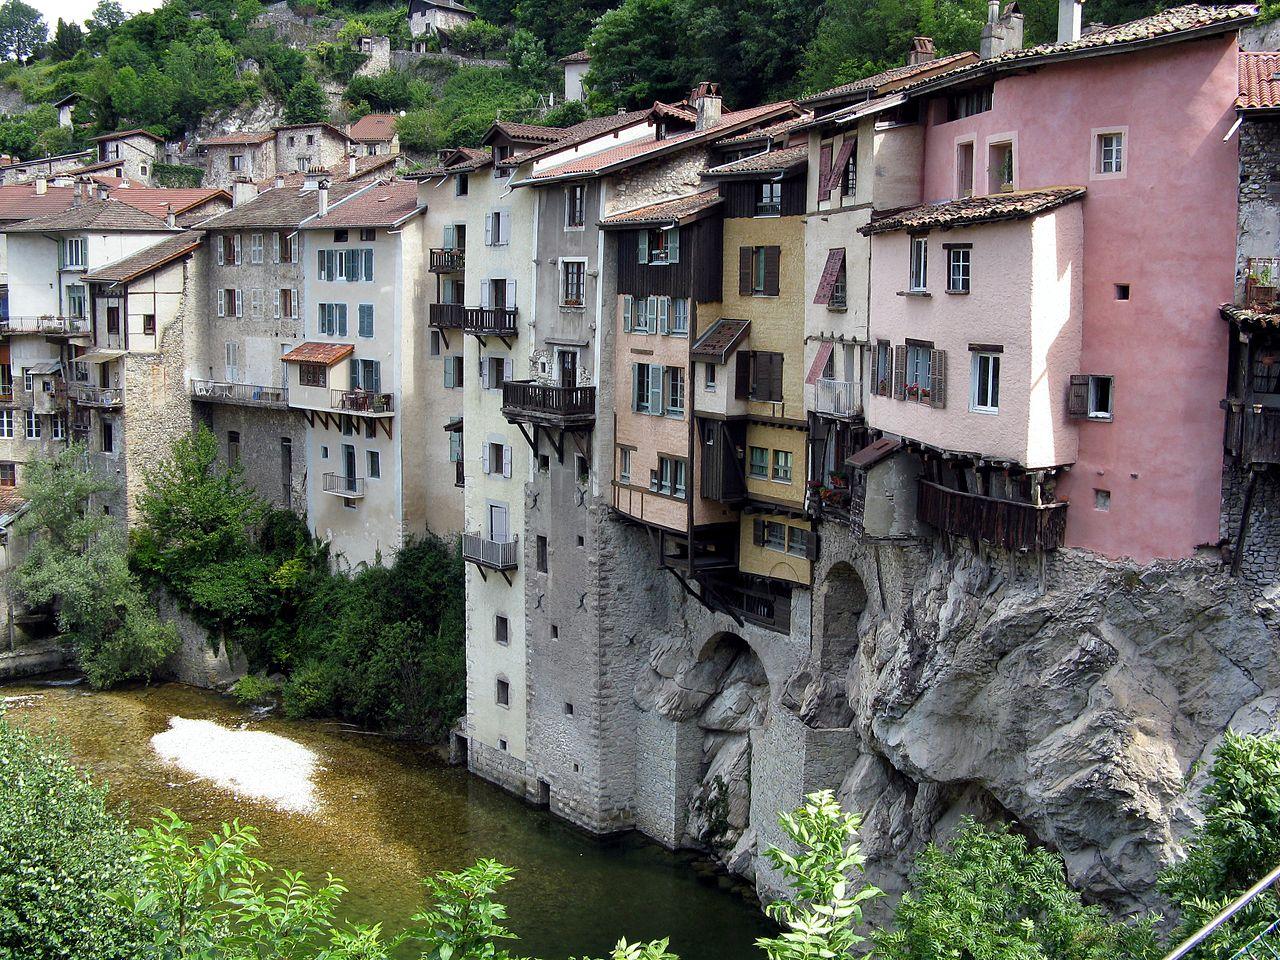 Lieux à découvrir autour de Montélimar : le village de Pont-en-Royans